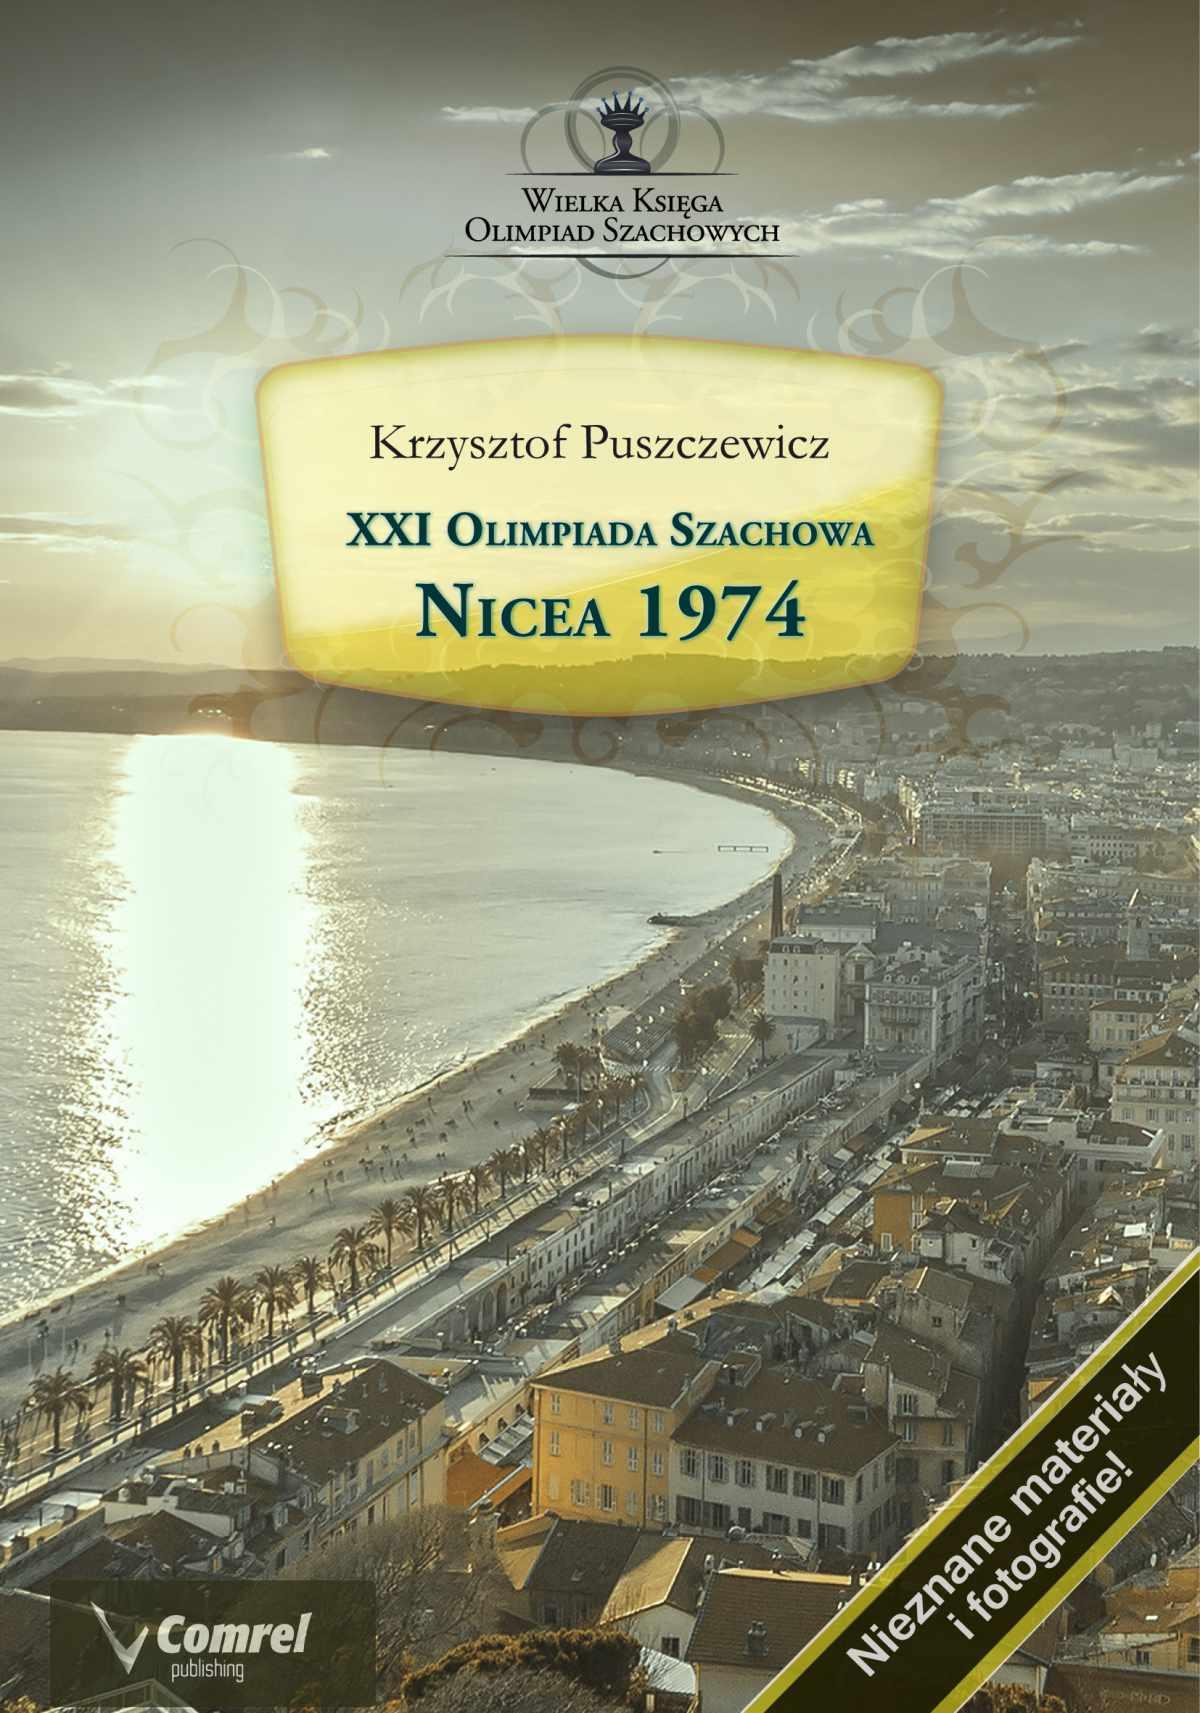 XXI Olimpiada Szachowa. Nicea 1974 - Ebook (Książka PDF) do pobrania w formacie PDF